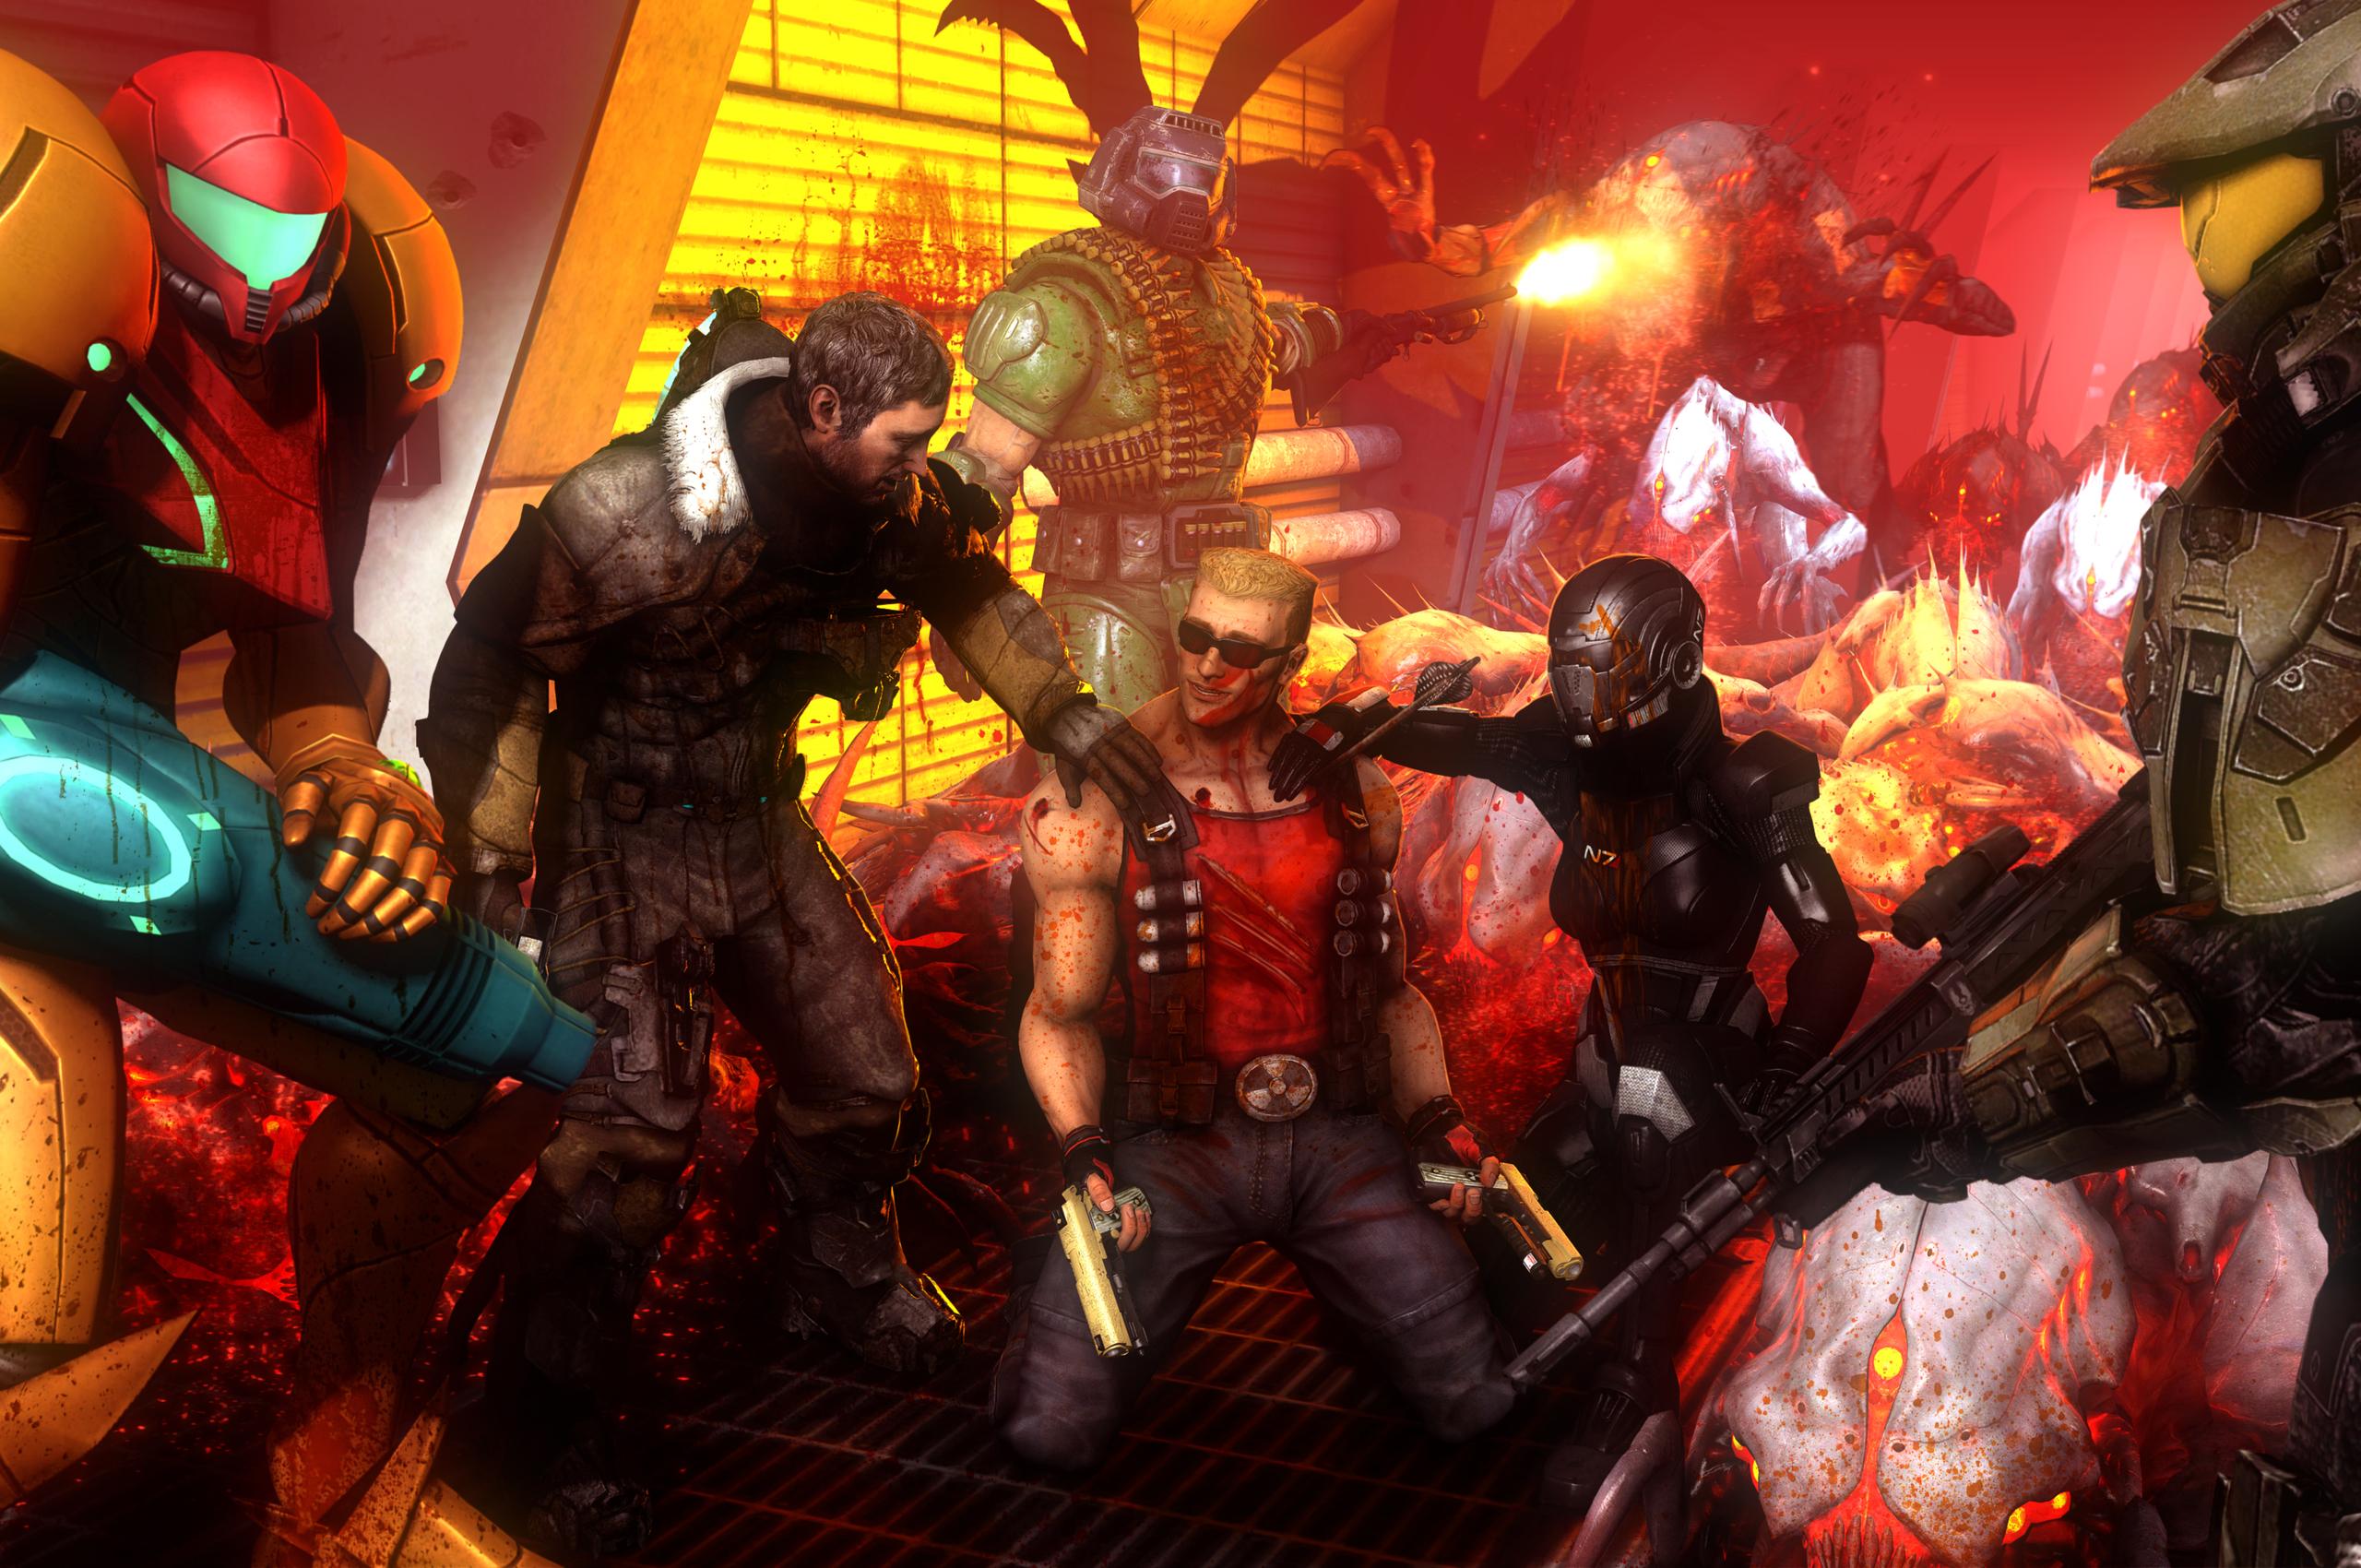 2560x1700 Call Of Duty Deadspace Aliens Crossover Fanart 4k